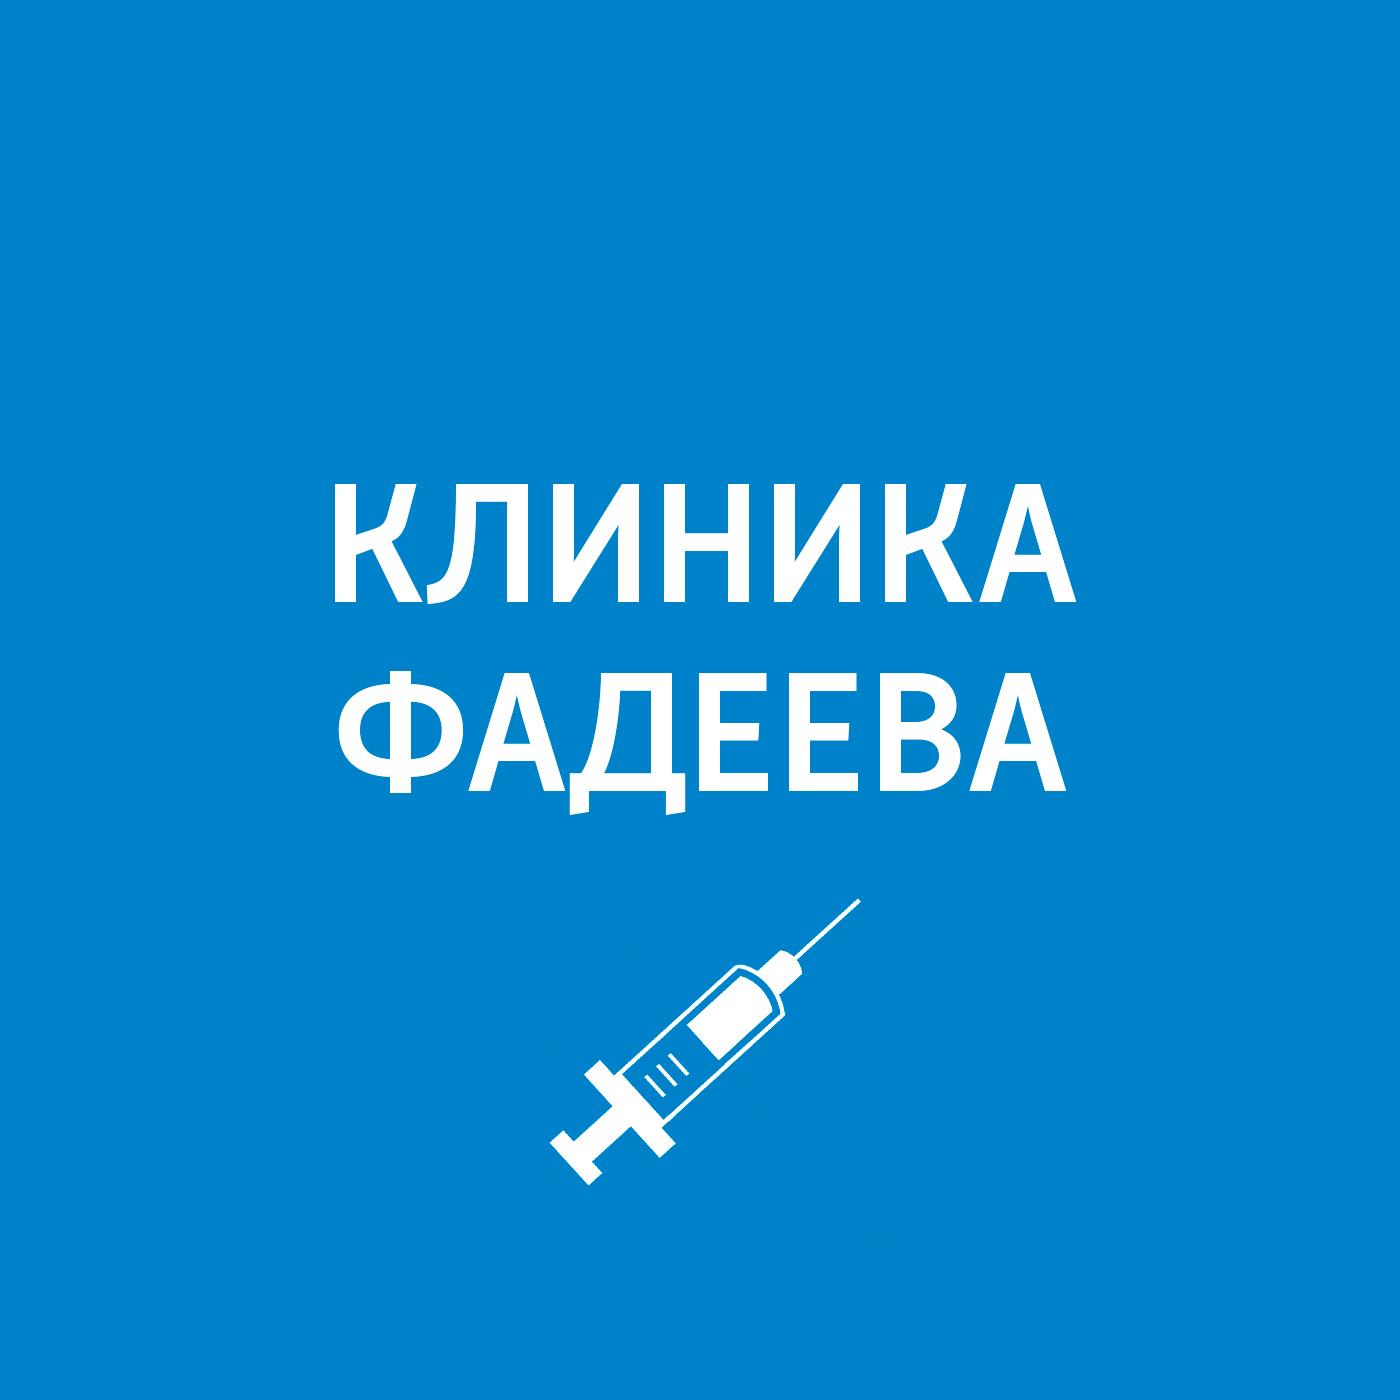 Пётр Фадеев Врач-офтальмолог о правильном питании для глаз весной